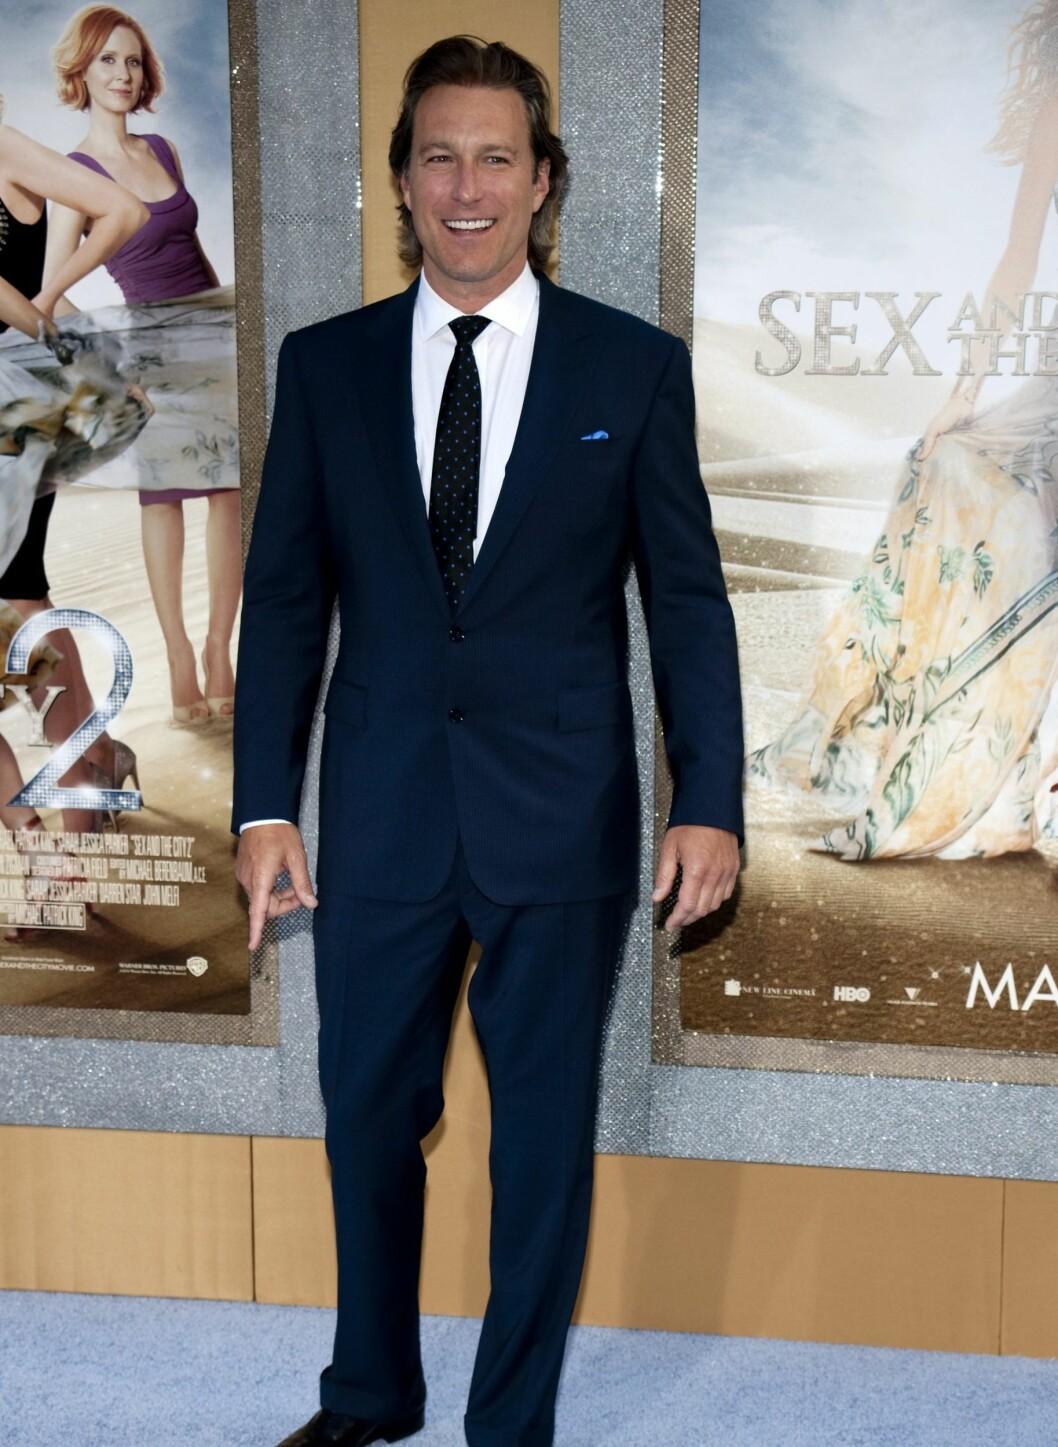 Og denne gangen gjør også Carries ekskjæreste Aidan Shaw comeback, som spilles av John Corbett. Noe som nok vil glede mange av oss...  Foto: All Over Press